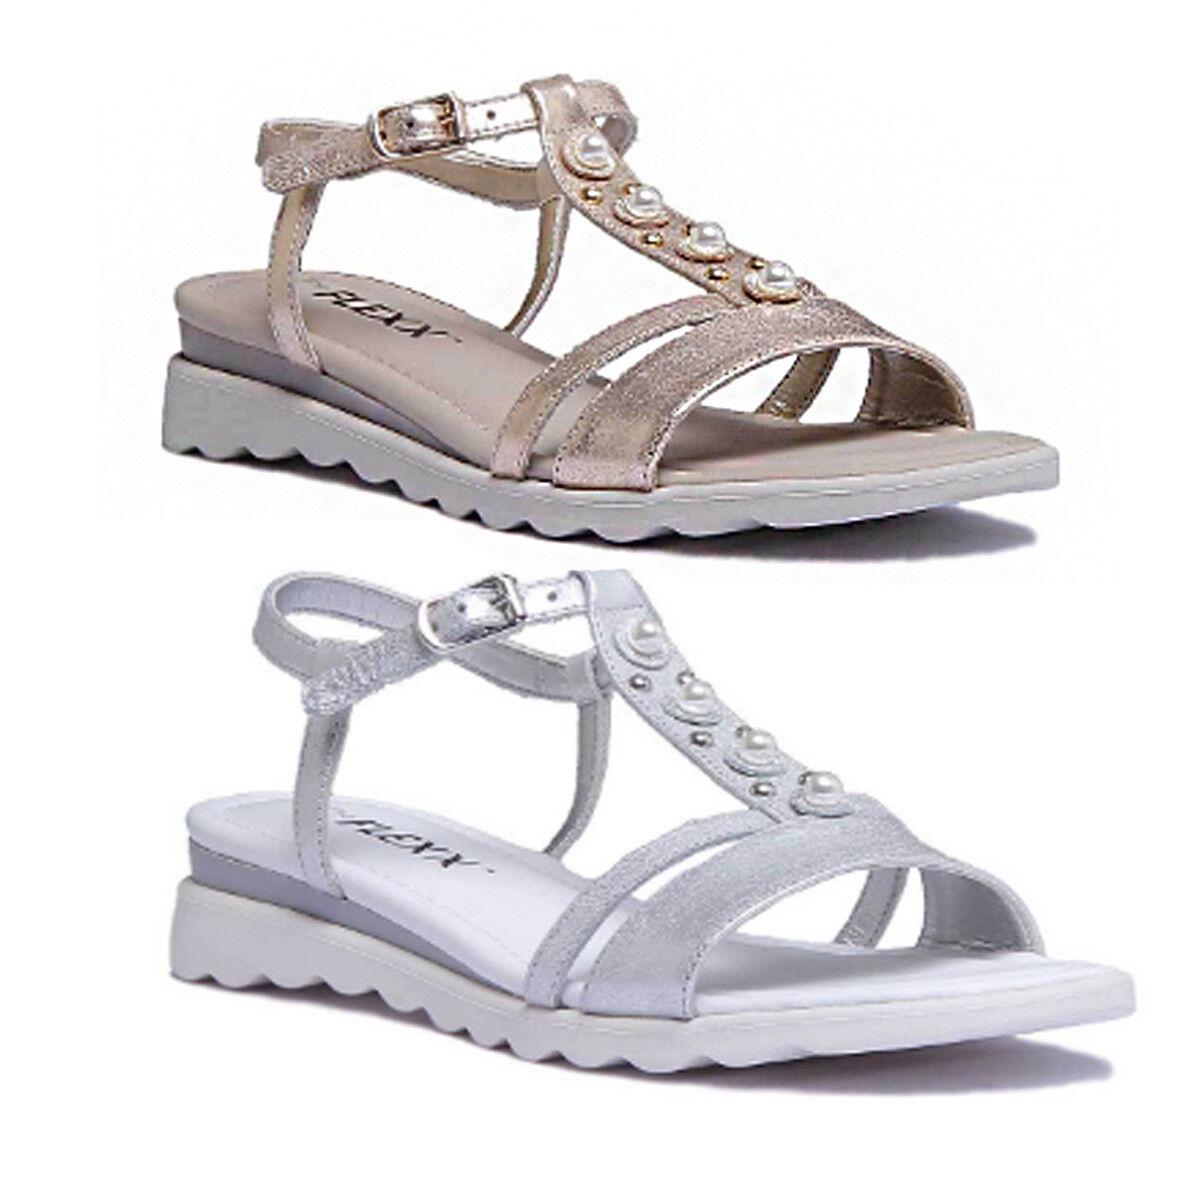 The Flexx Cut Me damen Silber Ledersandalen Sandale Sommer Schuhe